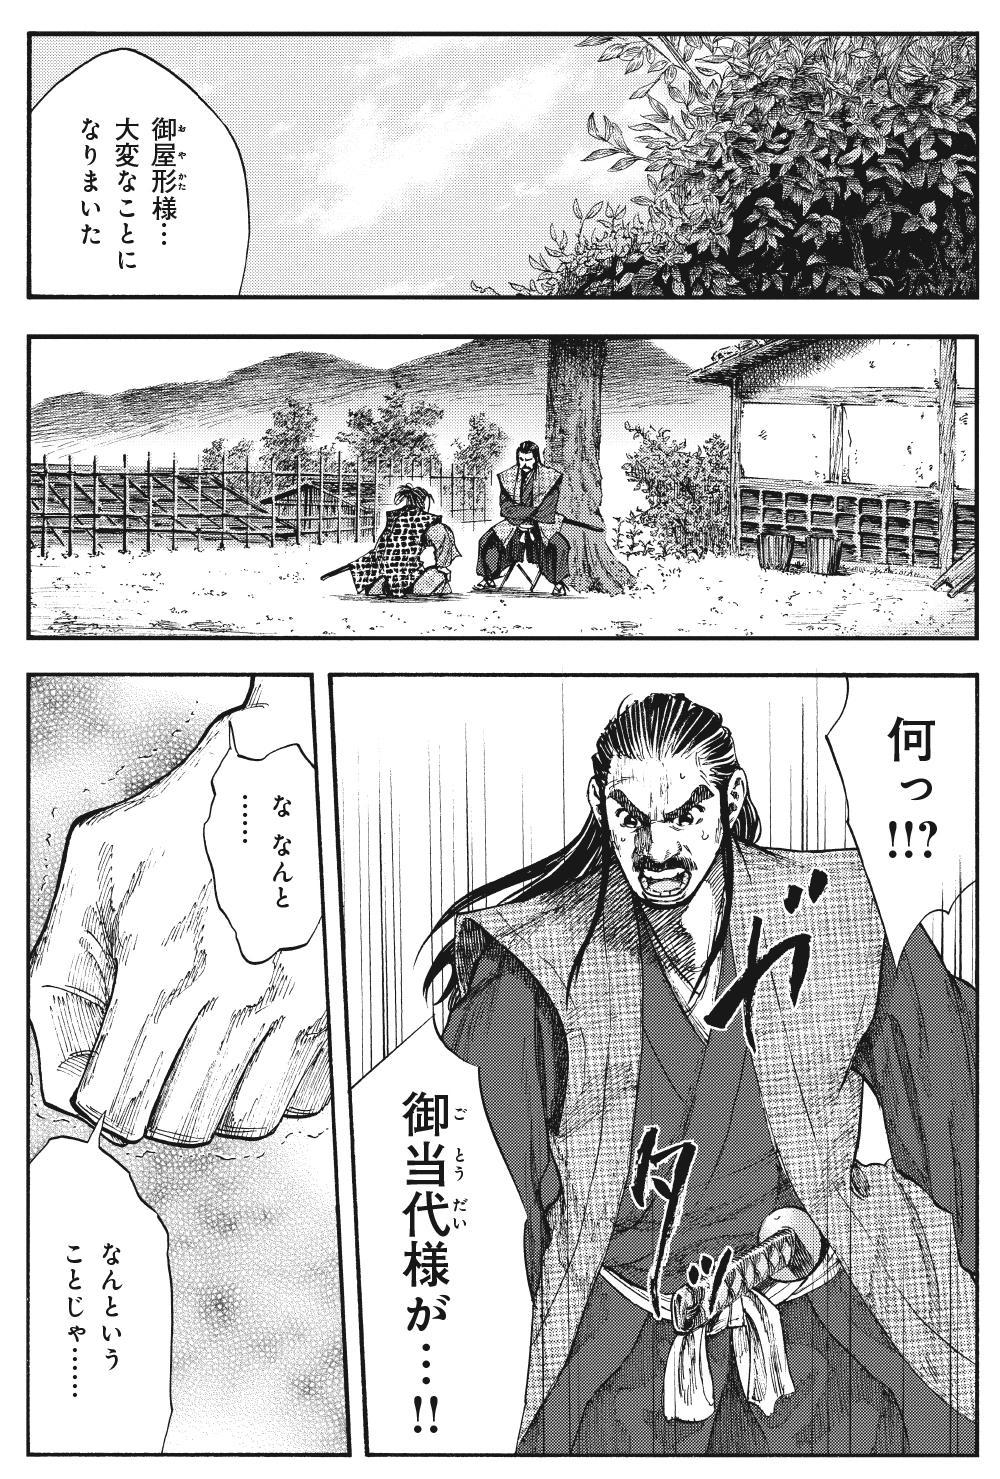 真田太平記 第8話「真田兄弟」①sanada14-04.jpg